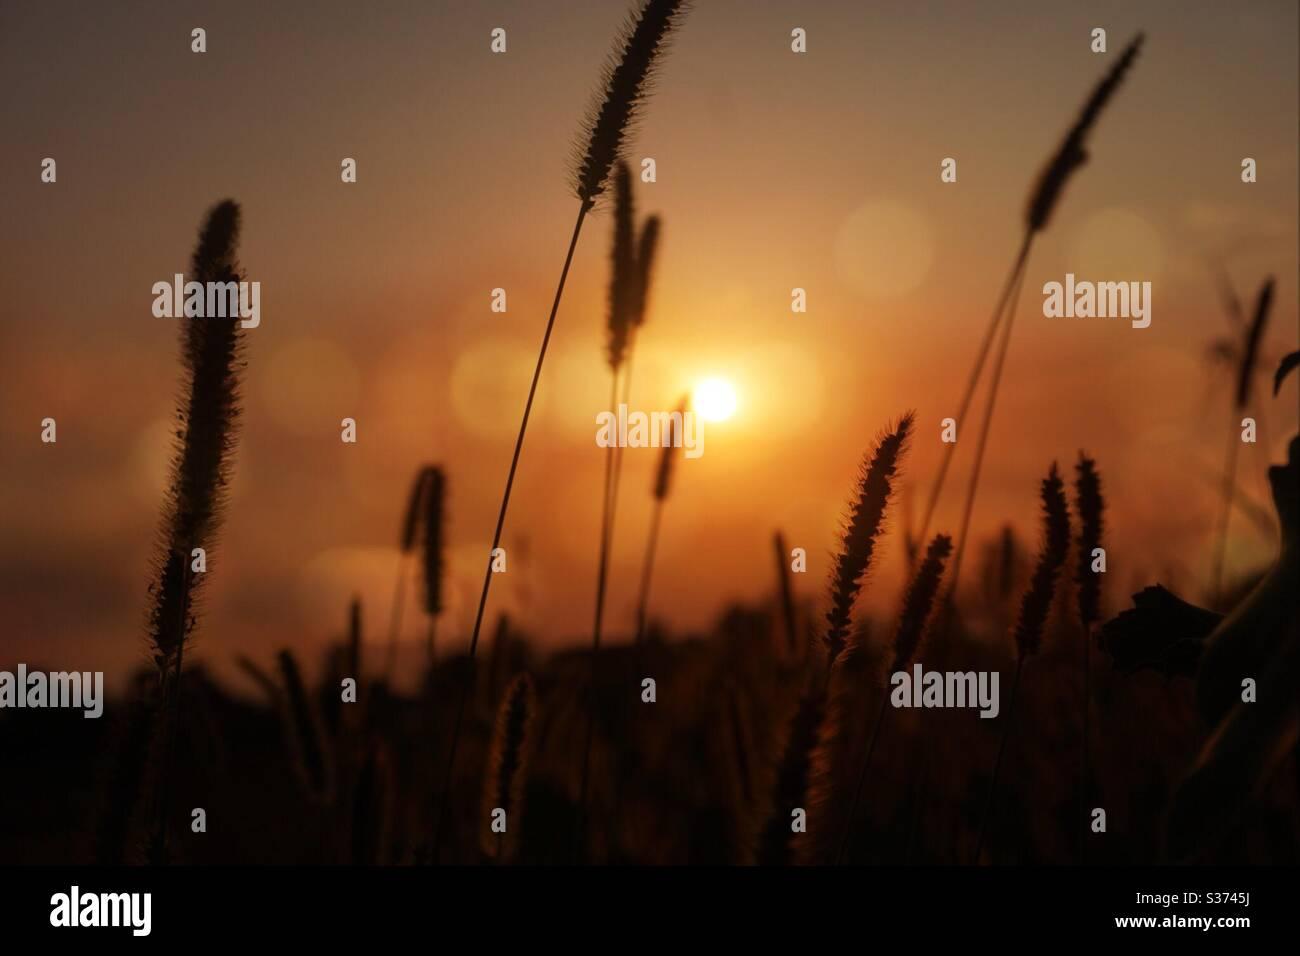 épis de blé contre la lumière, les petits fils reflètent la lumière orange du coucher de soleil Banque D'Images